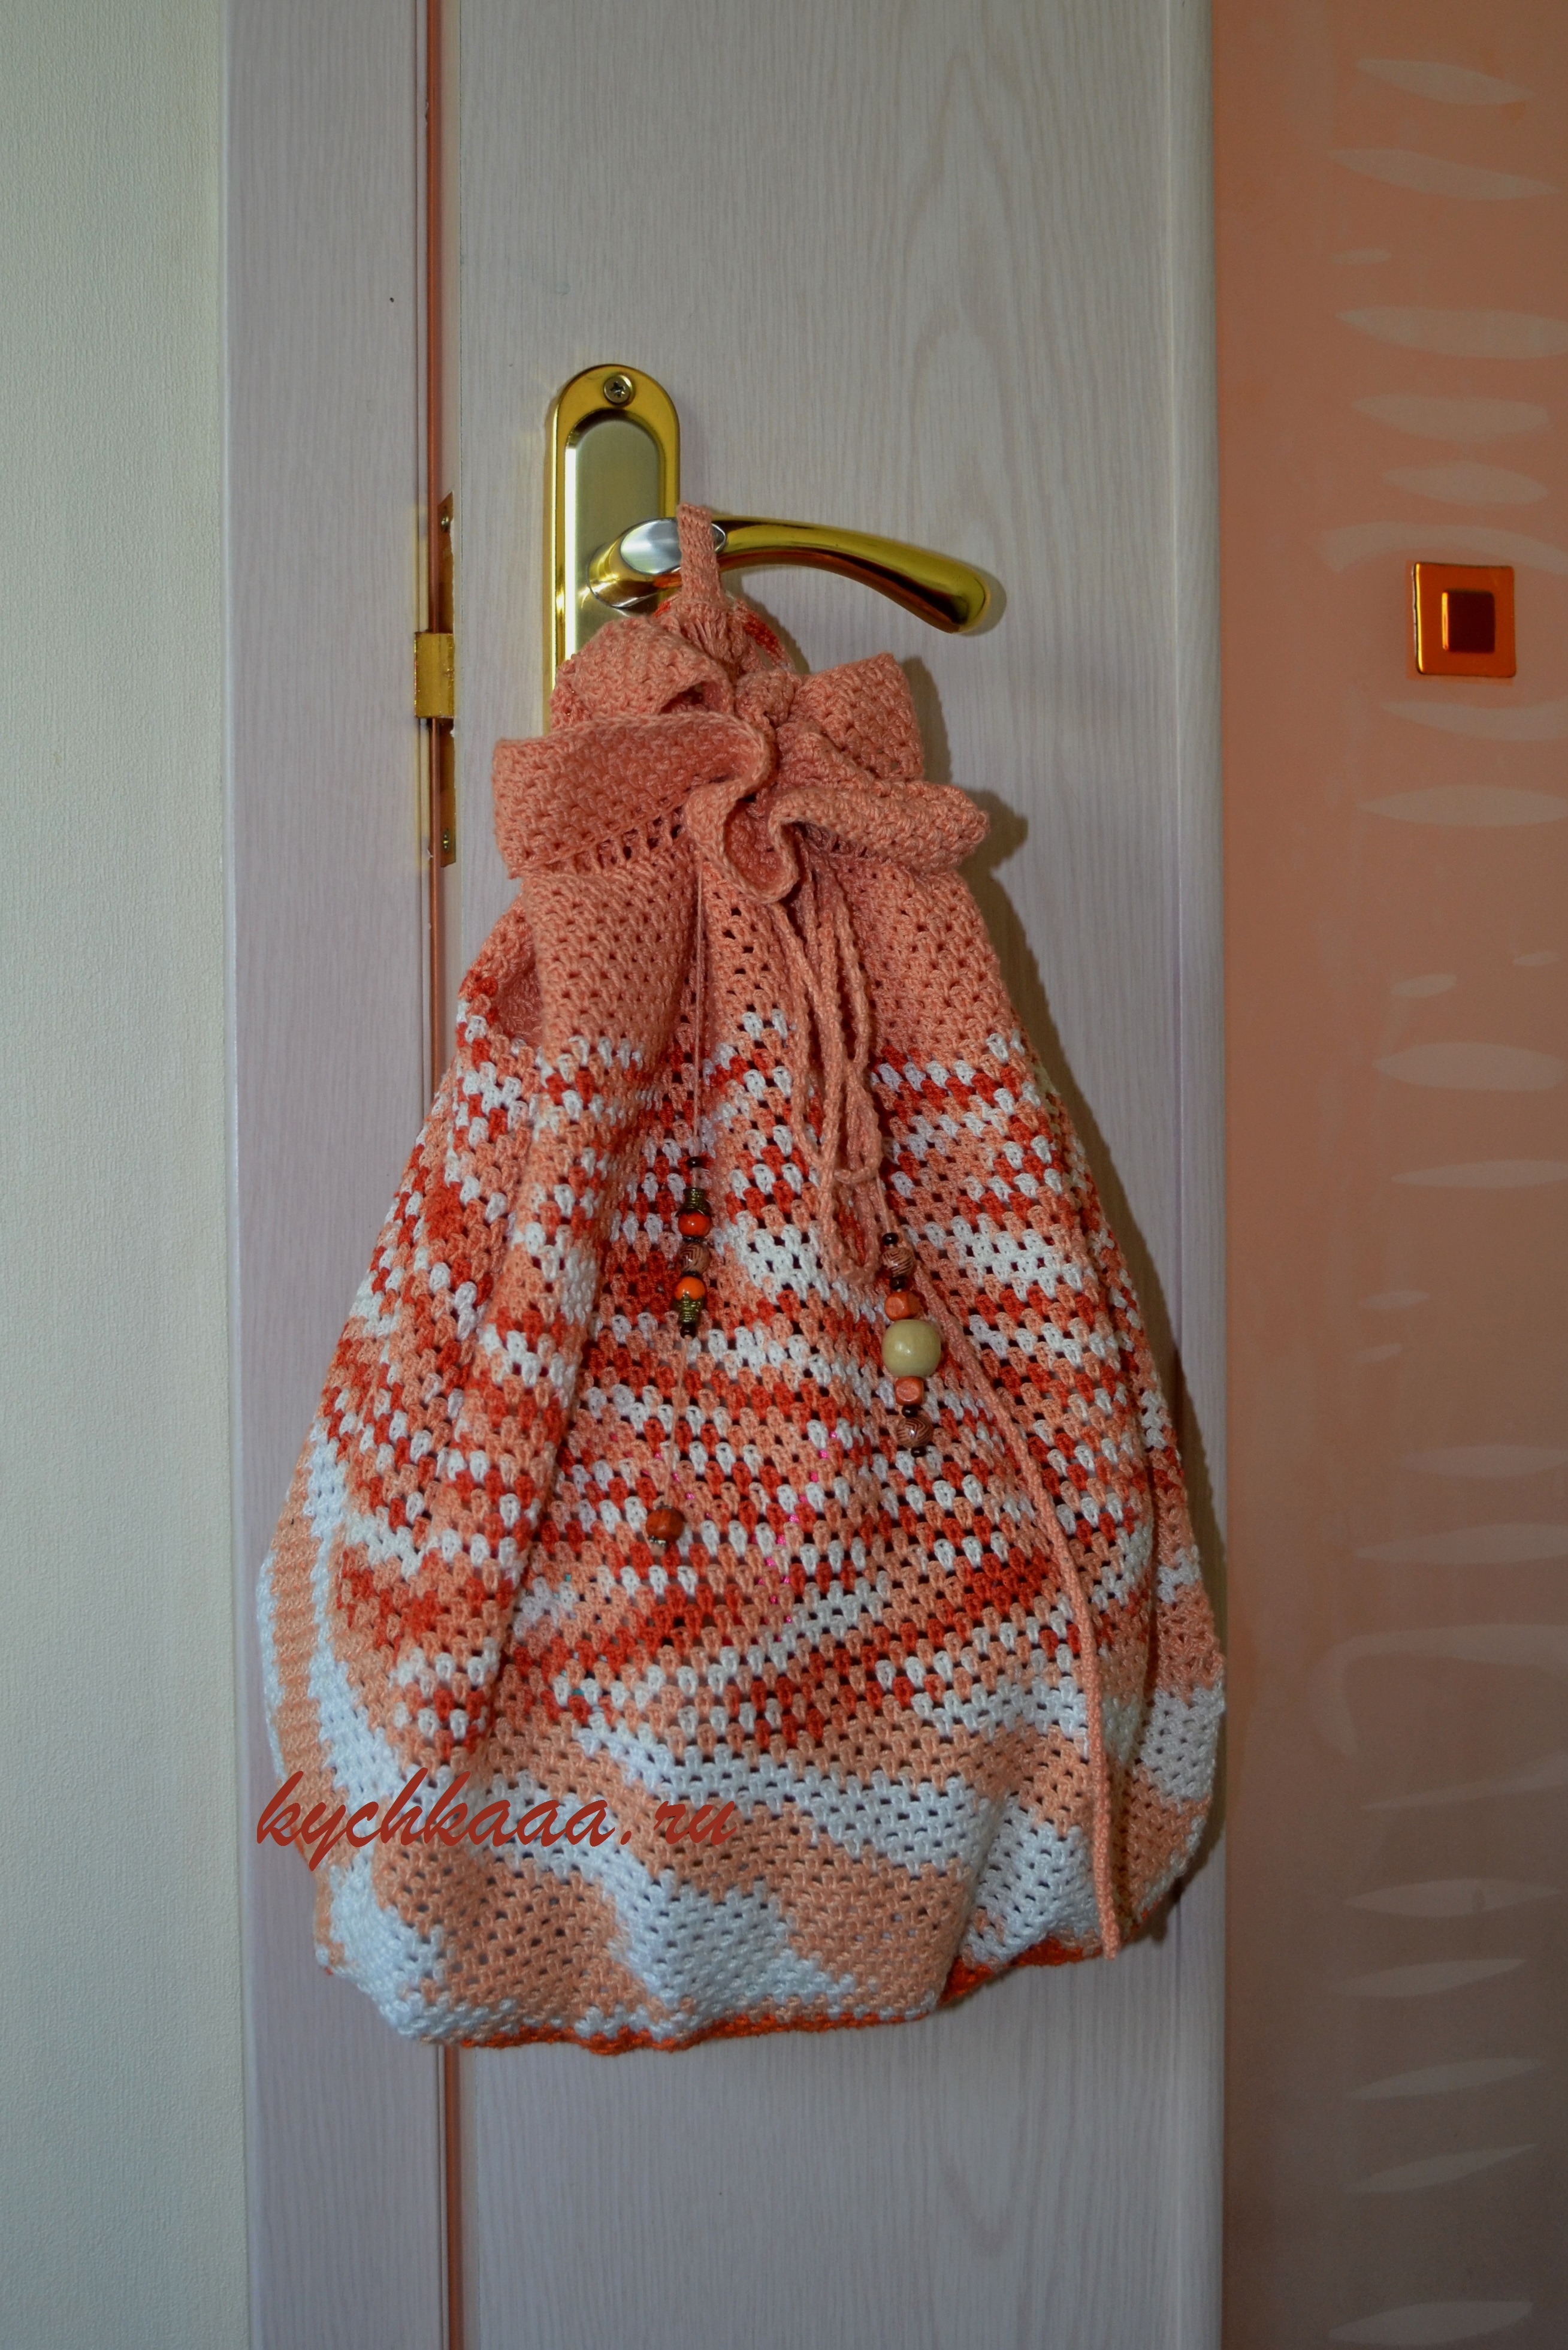 Вяжем крючком оригинальный рюкзак